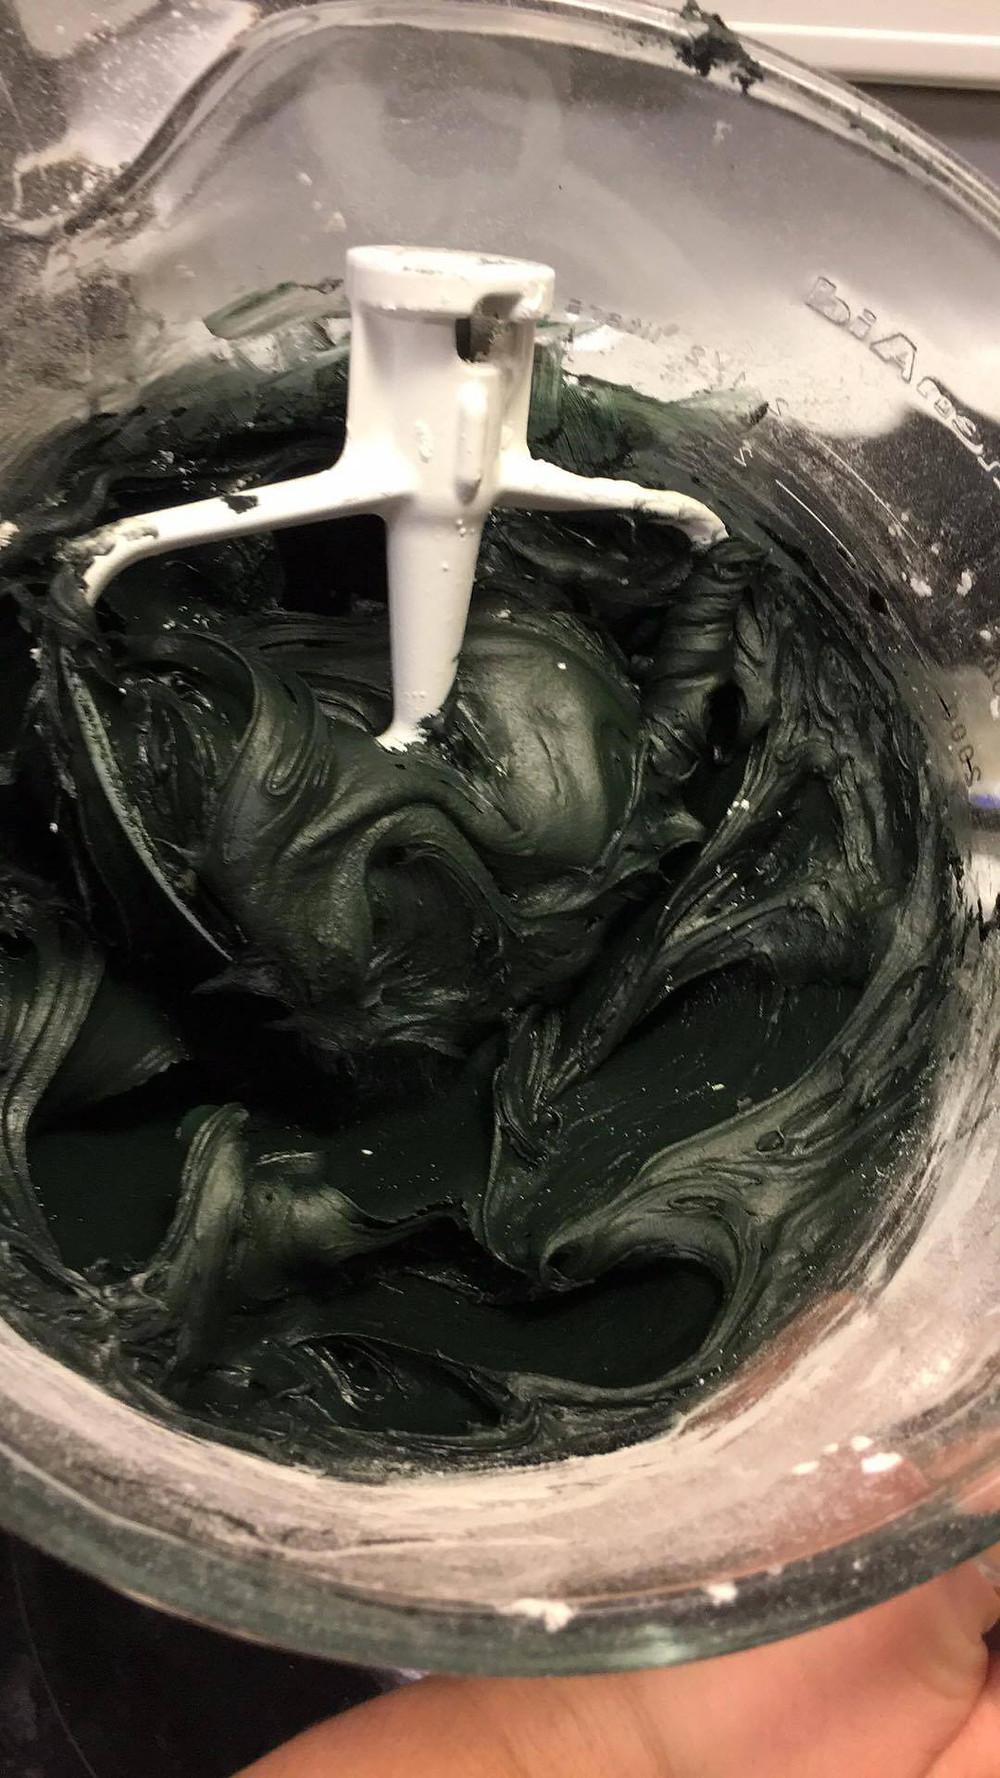 Black gumpaste